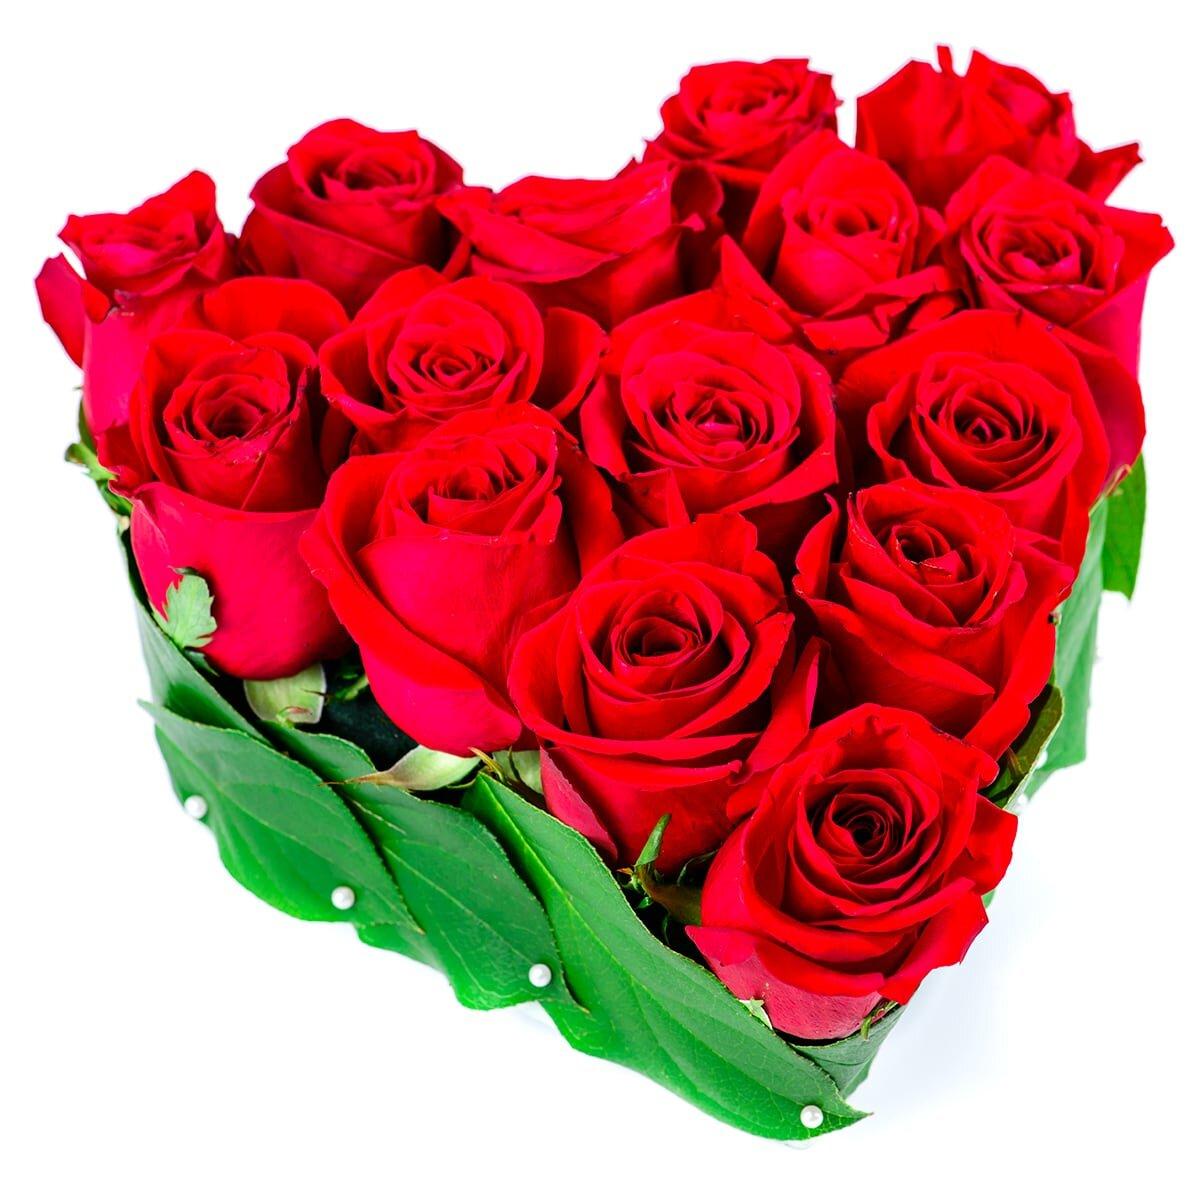 Сердце из 15 красных роз